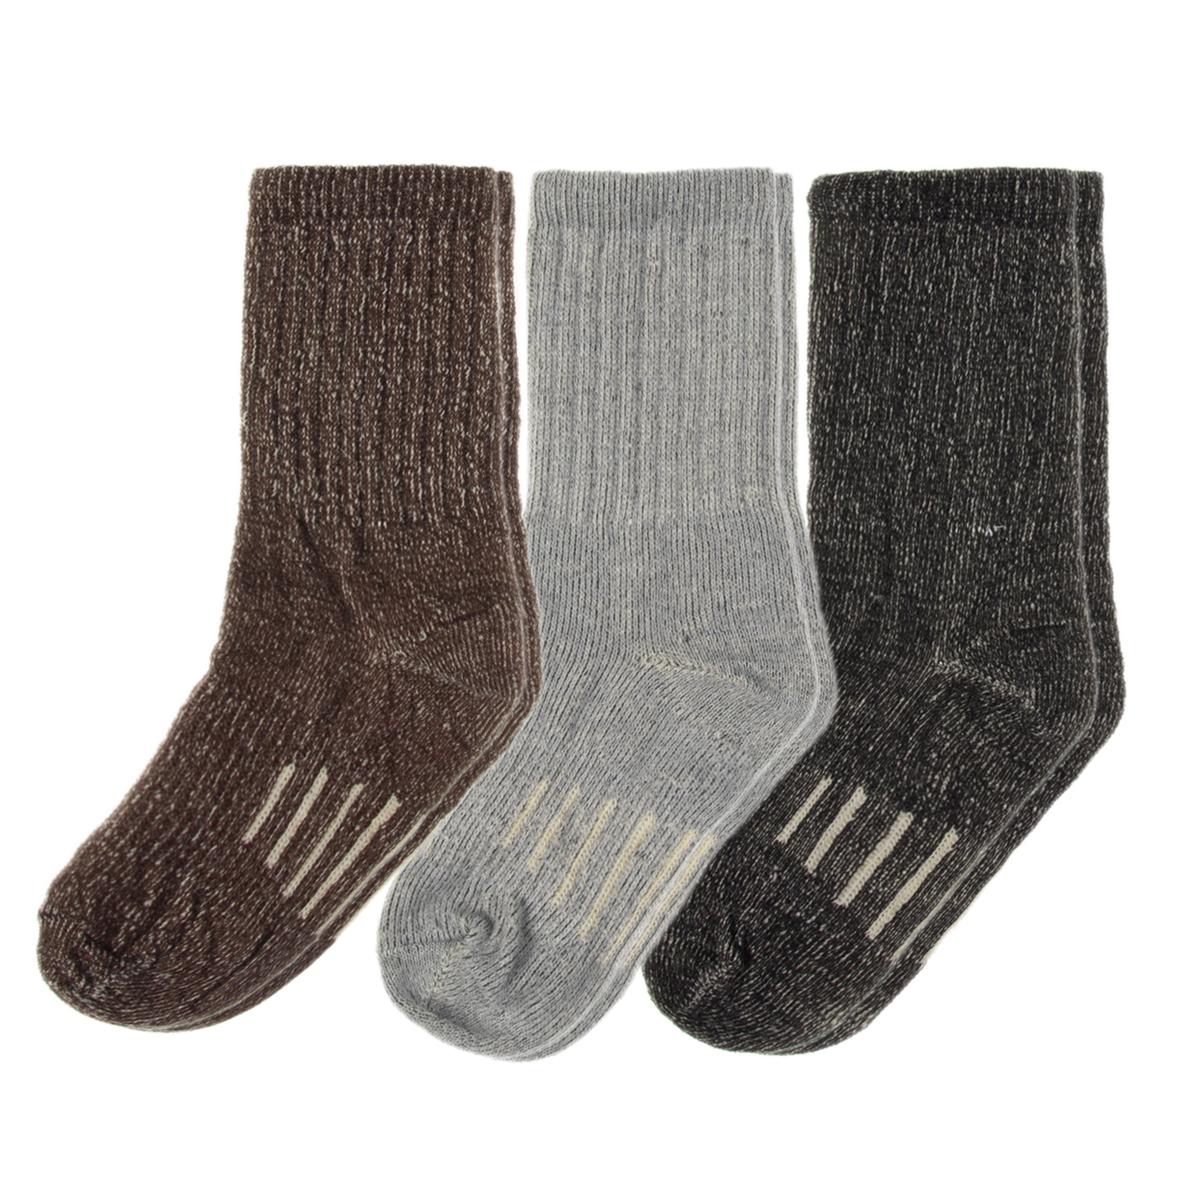 3 Pairs Thermal 80% Merino Wool Socks Hiking Crew Winter Mens Womens Kid's by Wool Socks